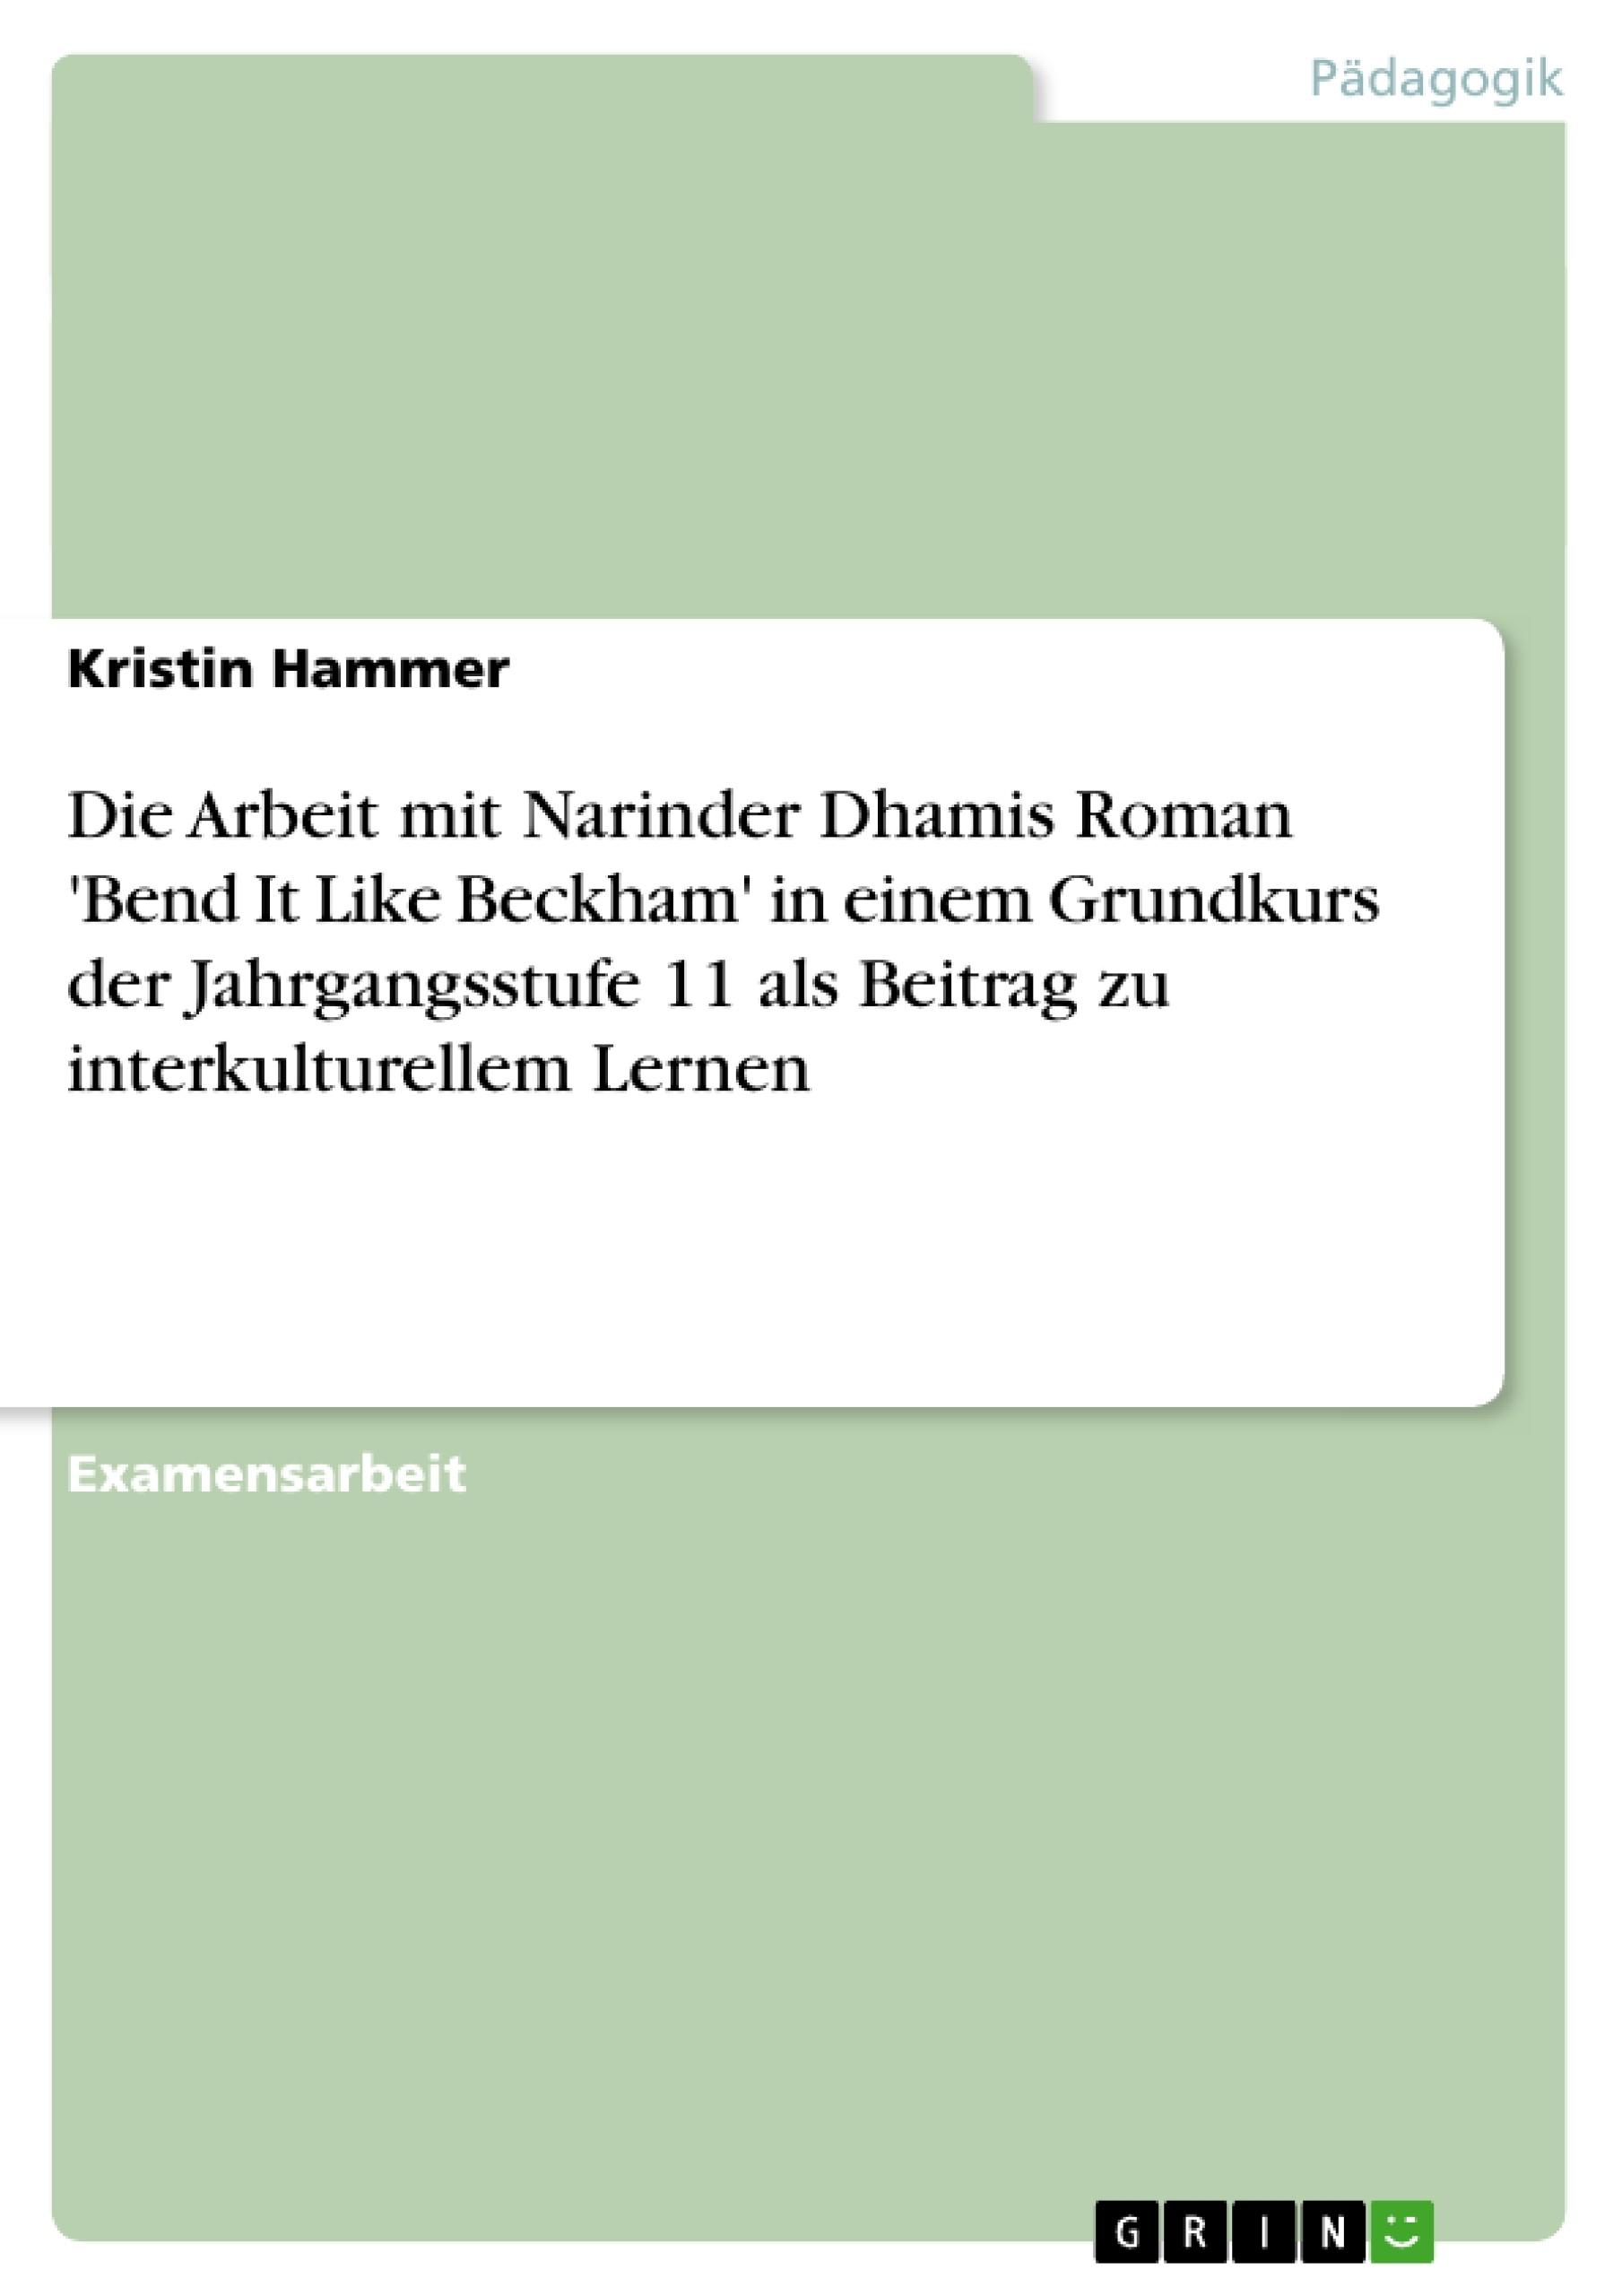 Titel: Die Arbeit mit Narinder Dhamis Roman 'Bend It Like Beckham' in einem Grundkurs der Jahrgangsstufe 11 als Beitrag zu interkulturellem Lernen